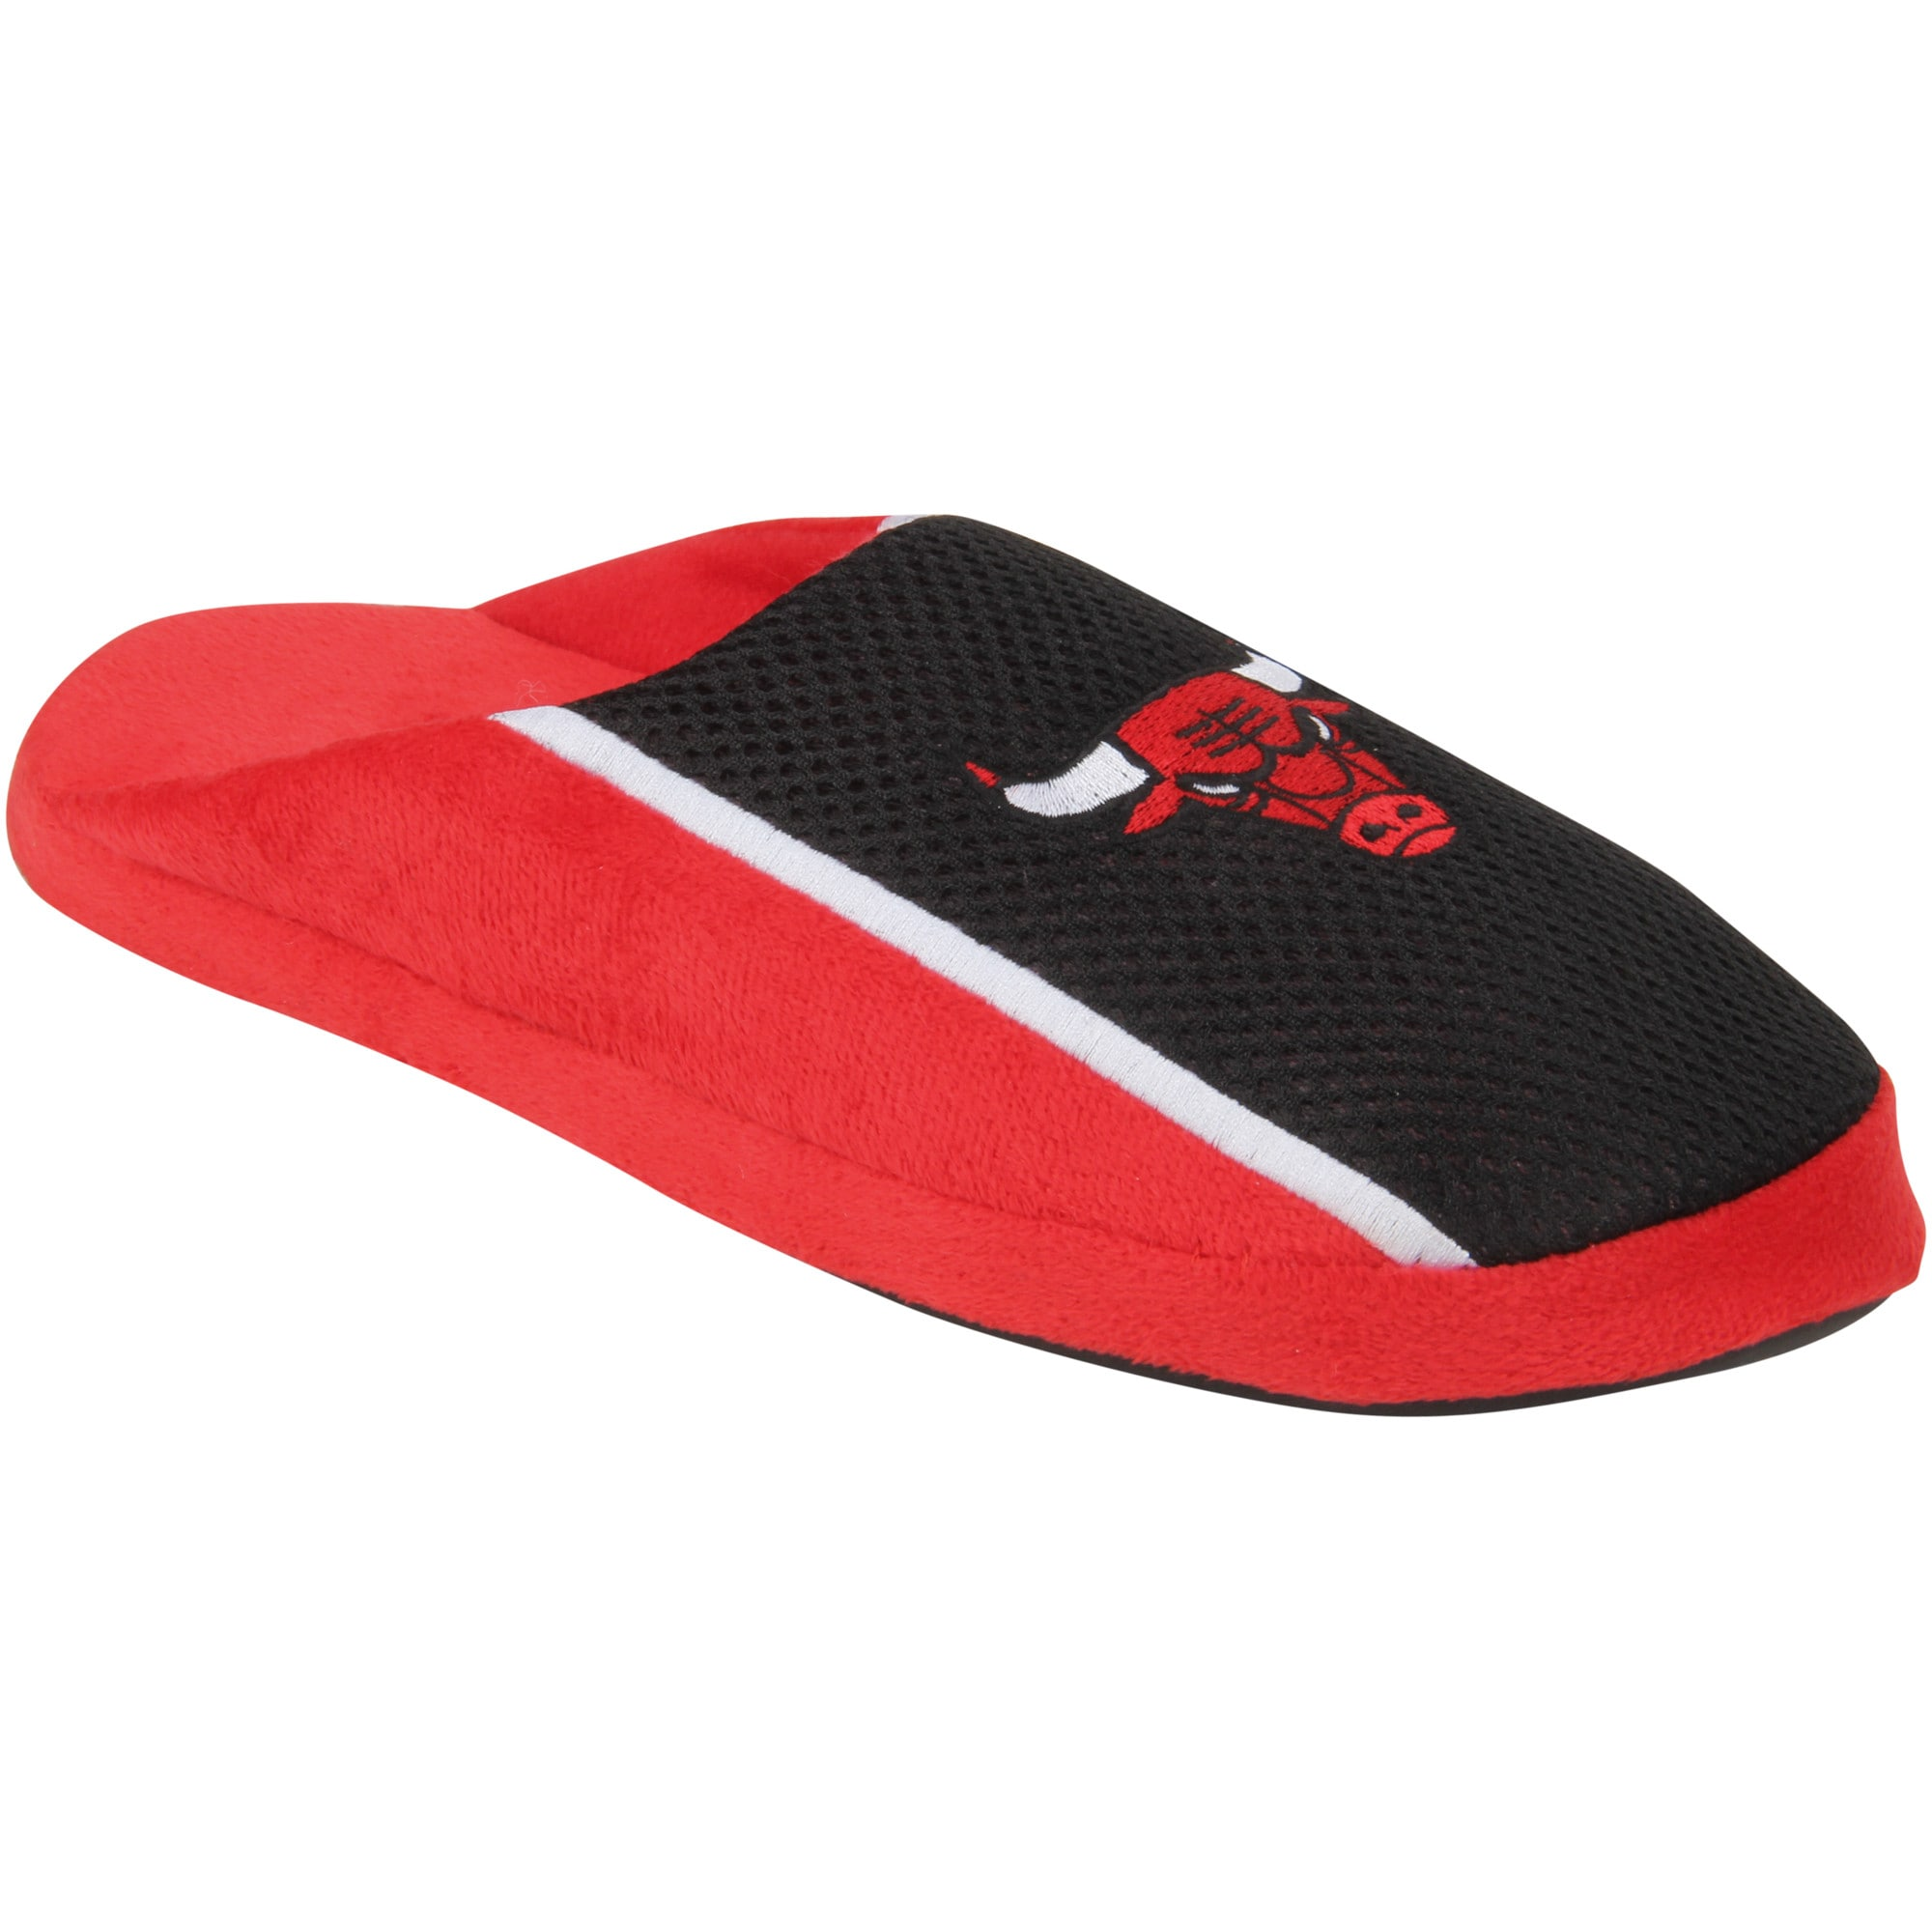 Chicago Bulls Jersey Slide Slippers